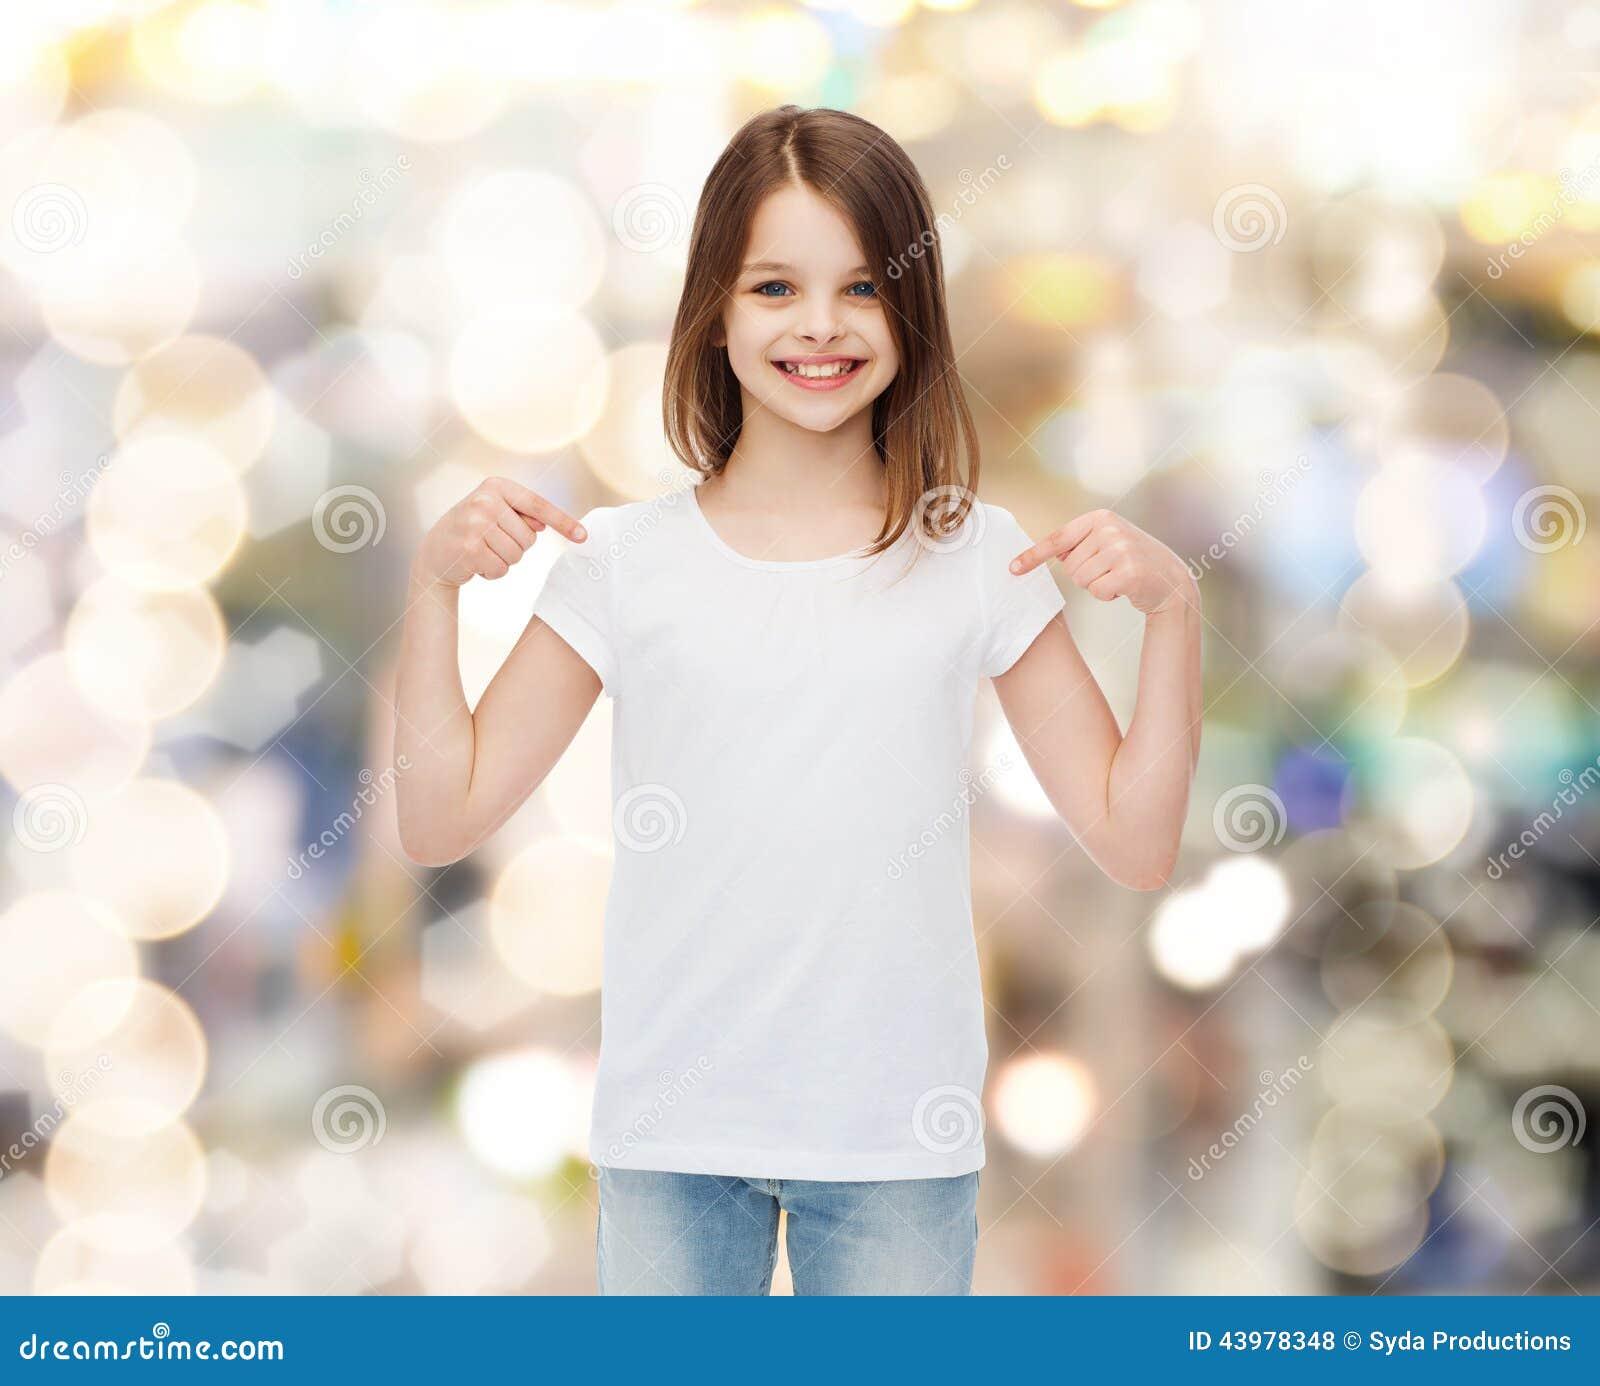 Advise little girl fingers herself